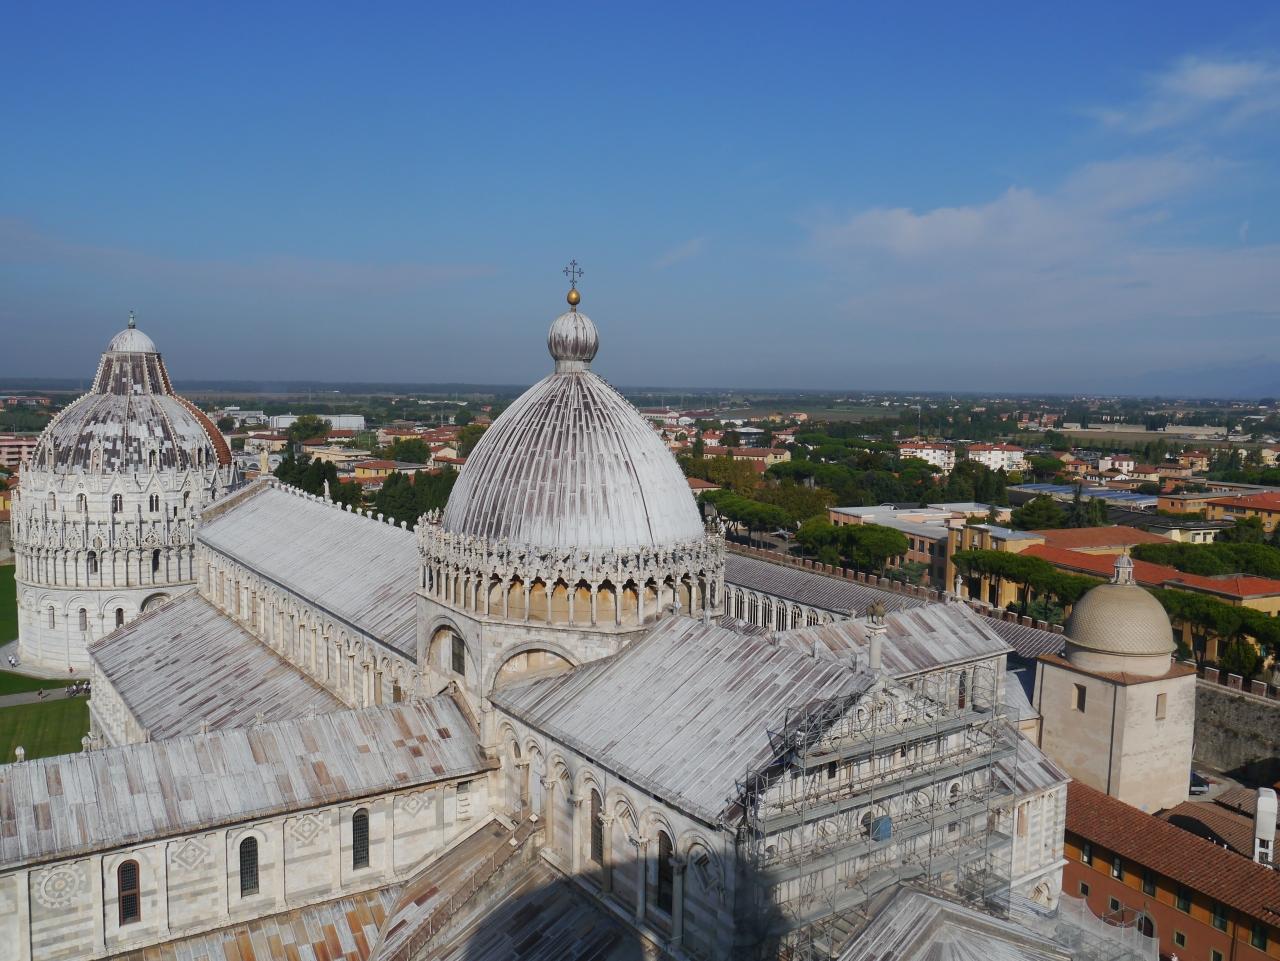 ピサ大聖堂の画像 p1_19